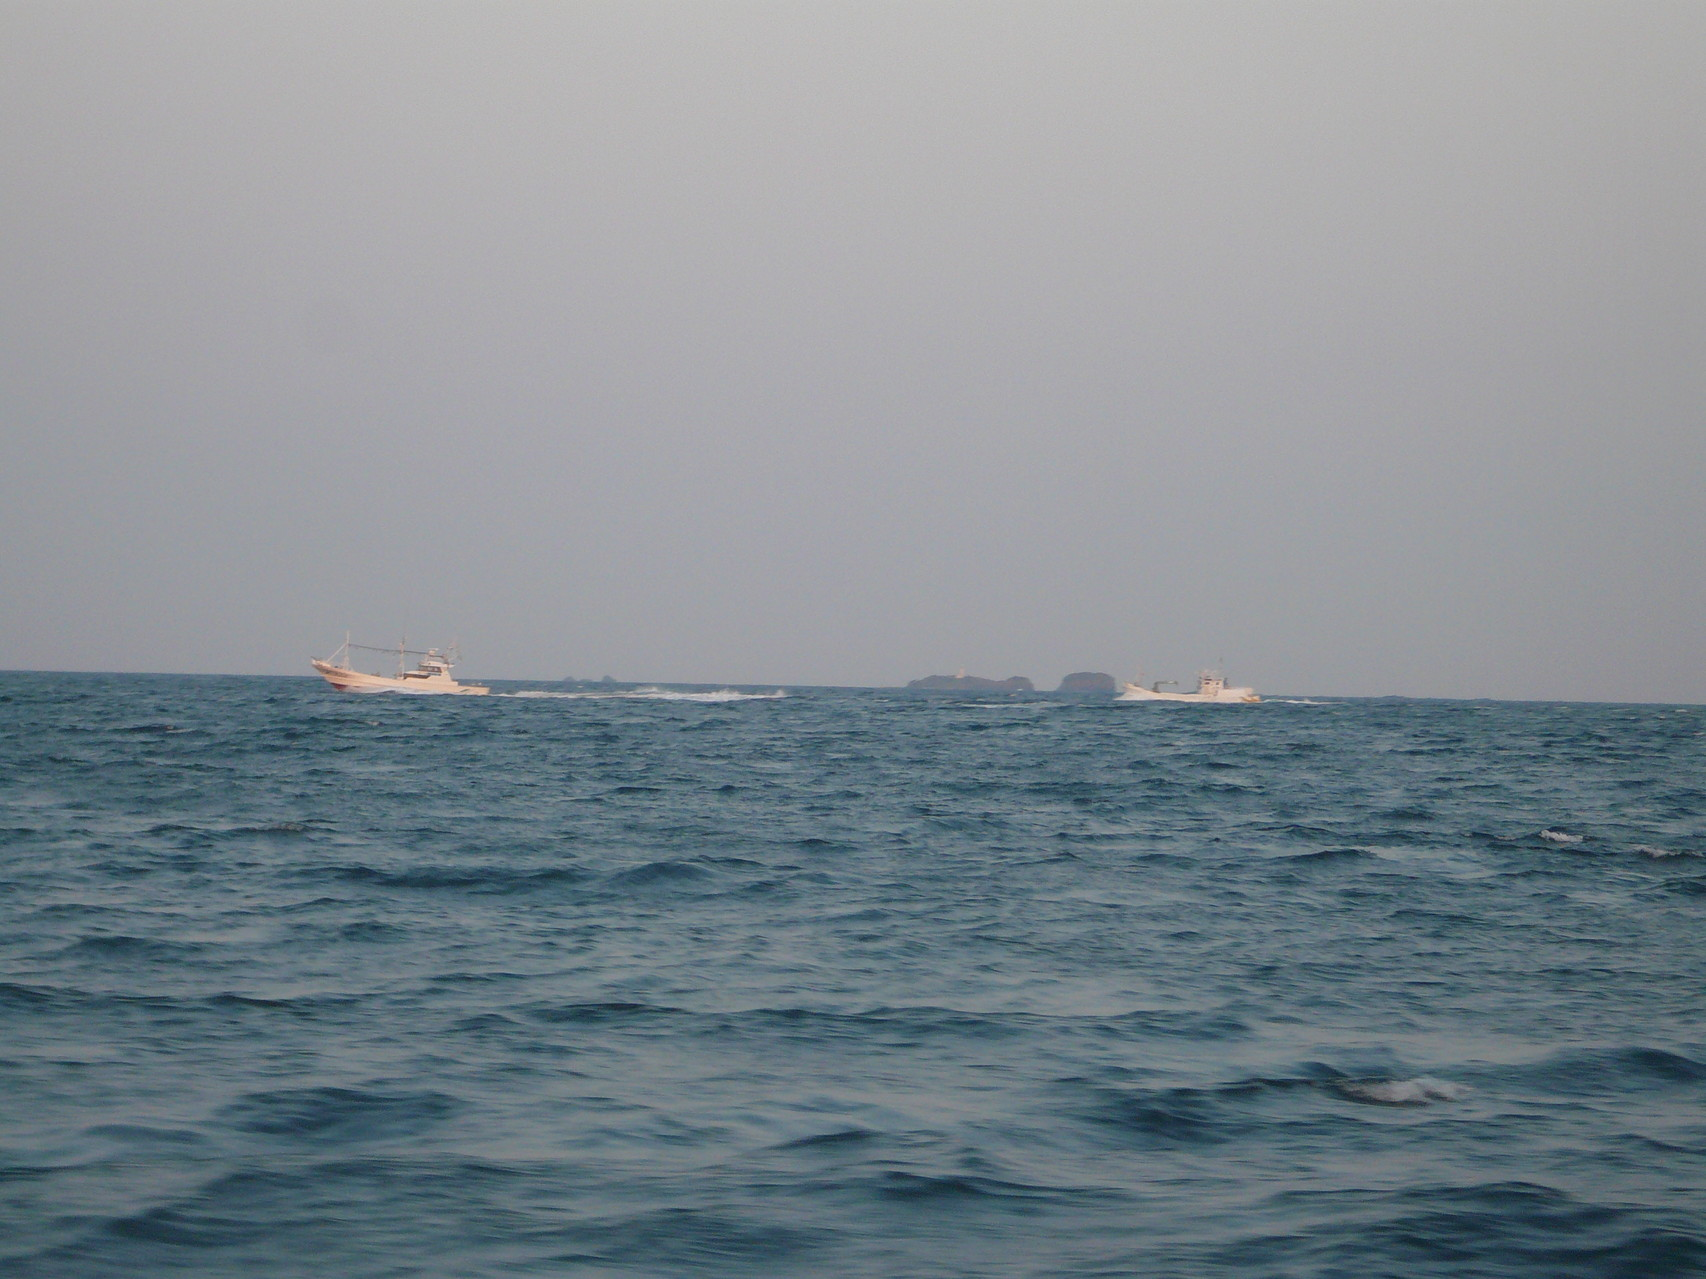 4月15日巻き網船団が帰港中三ツ島灯台沖 灯船・運搬船今日は漁が無かった?全速で走っていません・・・・・